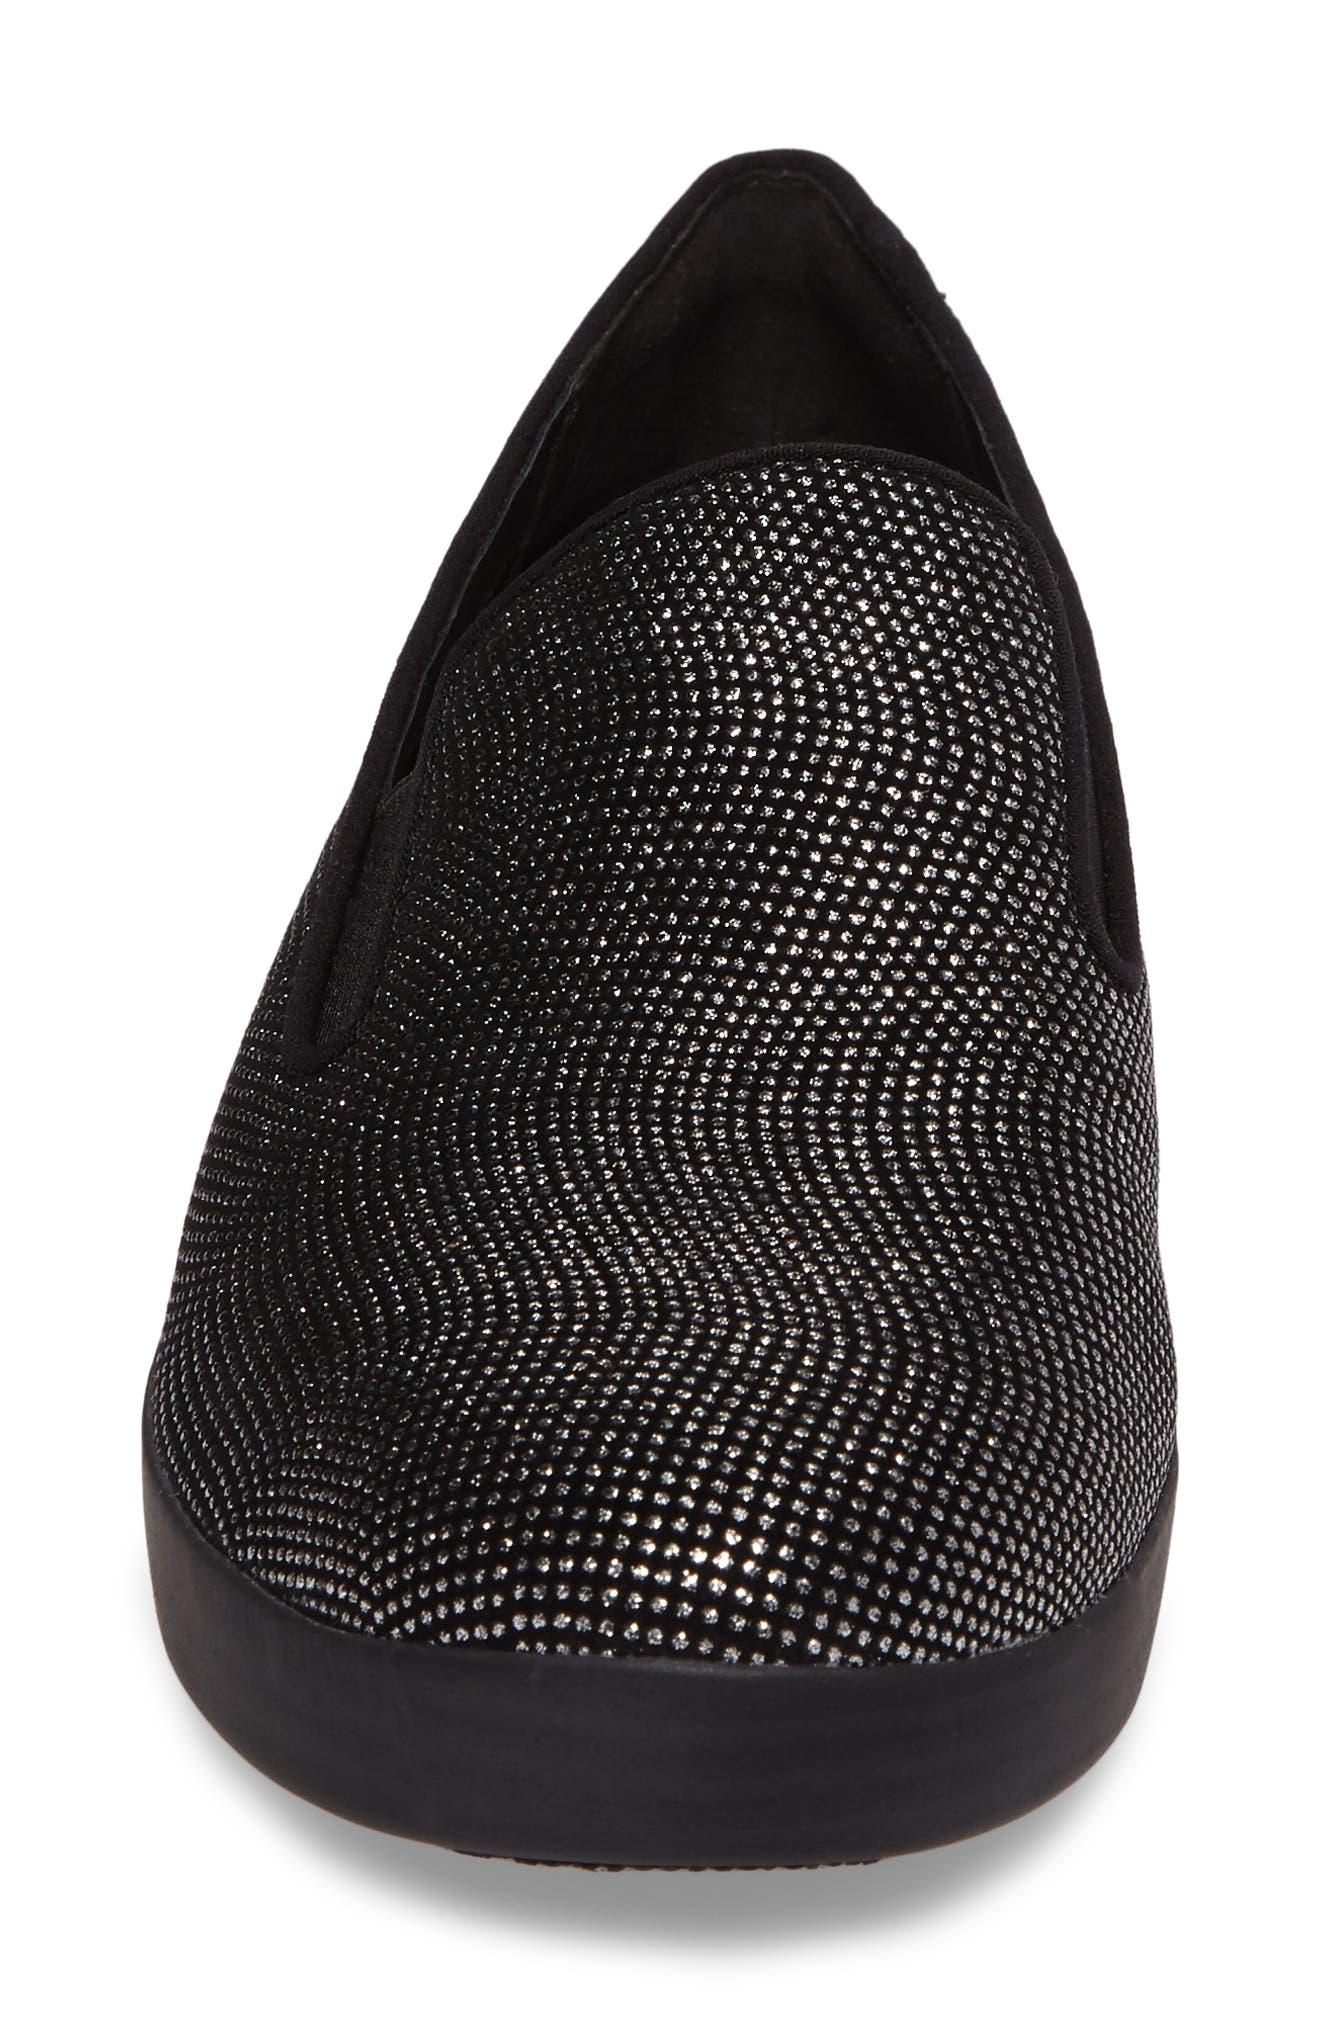 Superskate Glitter Dot Slip-On Sneaker,                             Alternate thumbnail 4, color,                             001